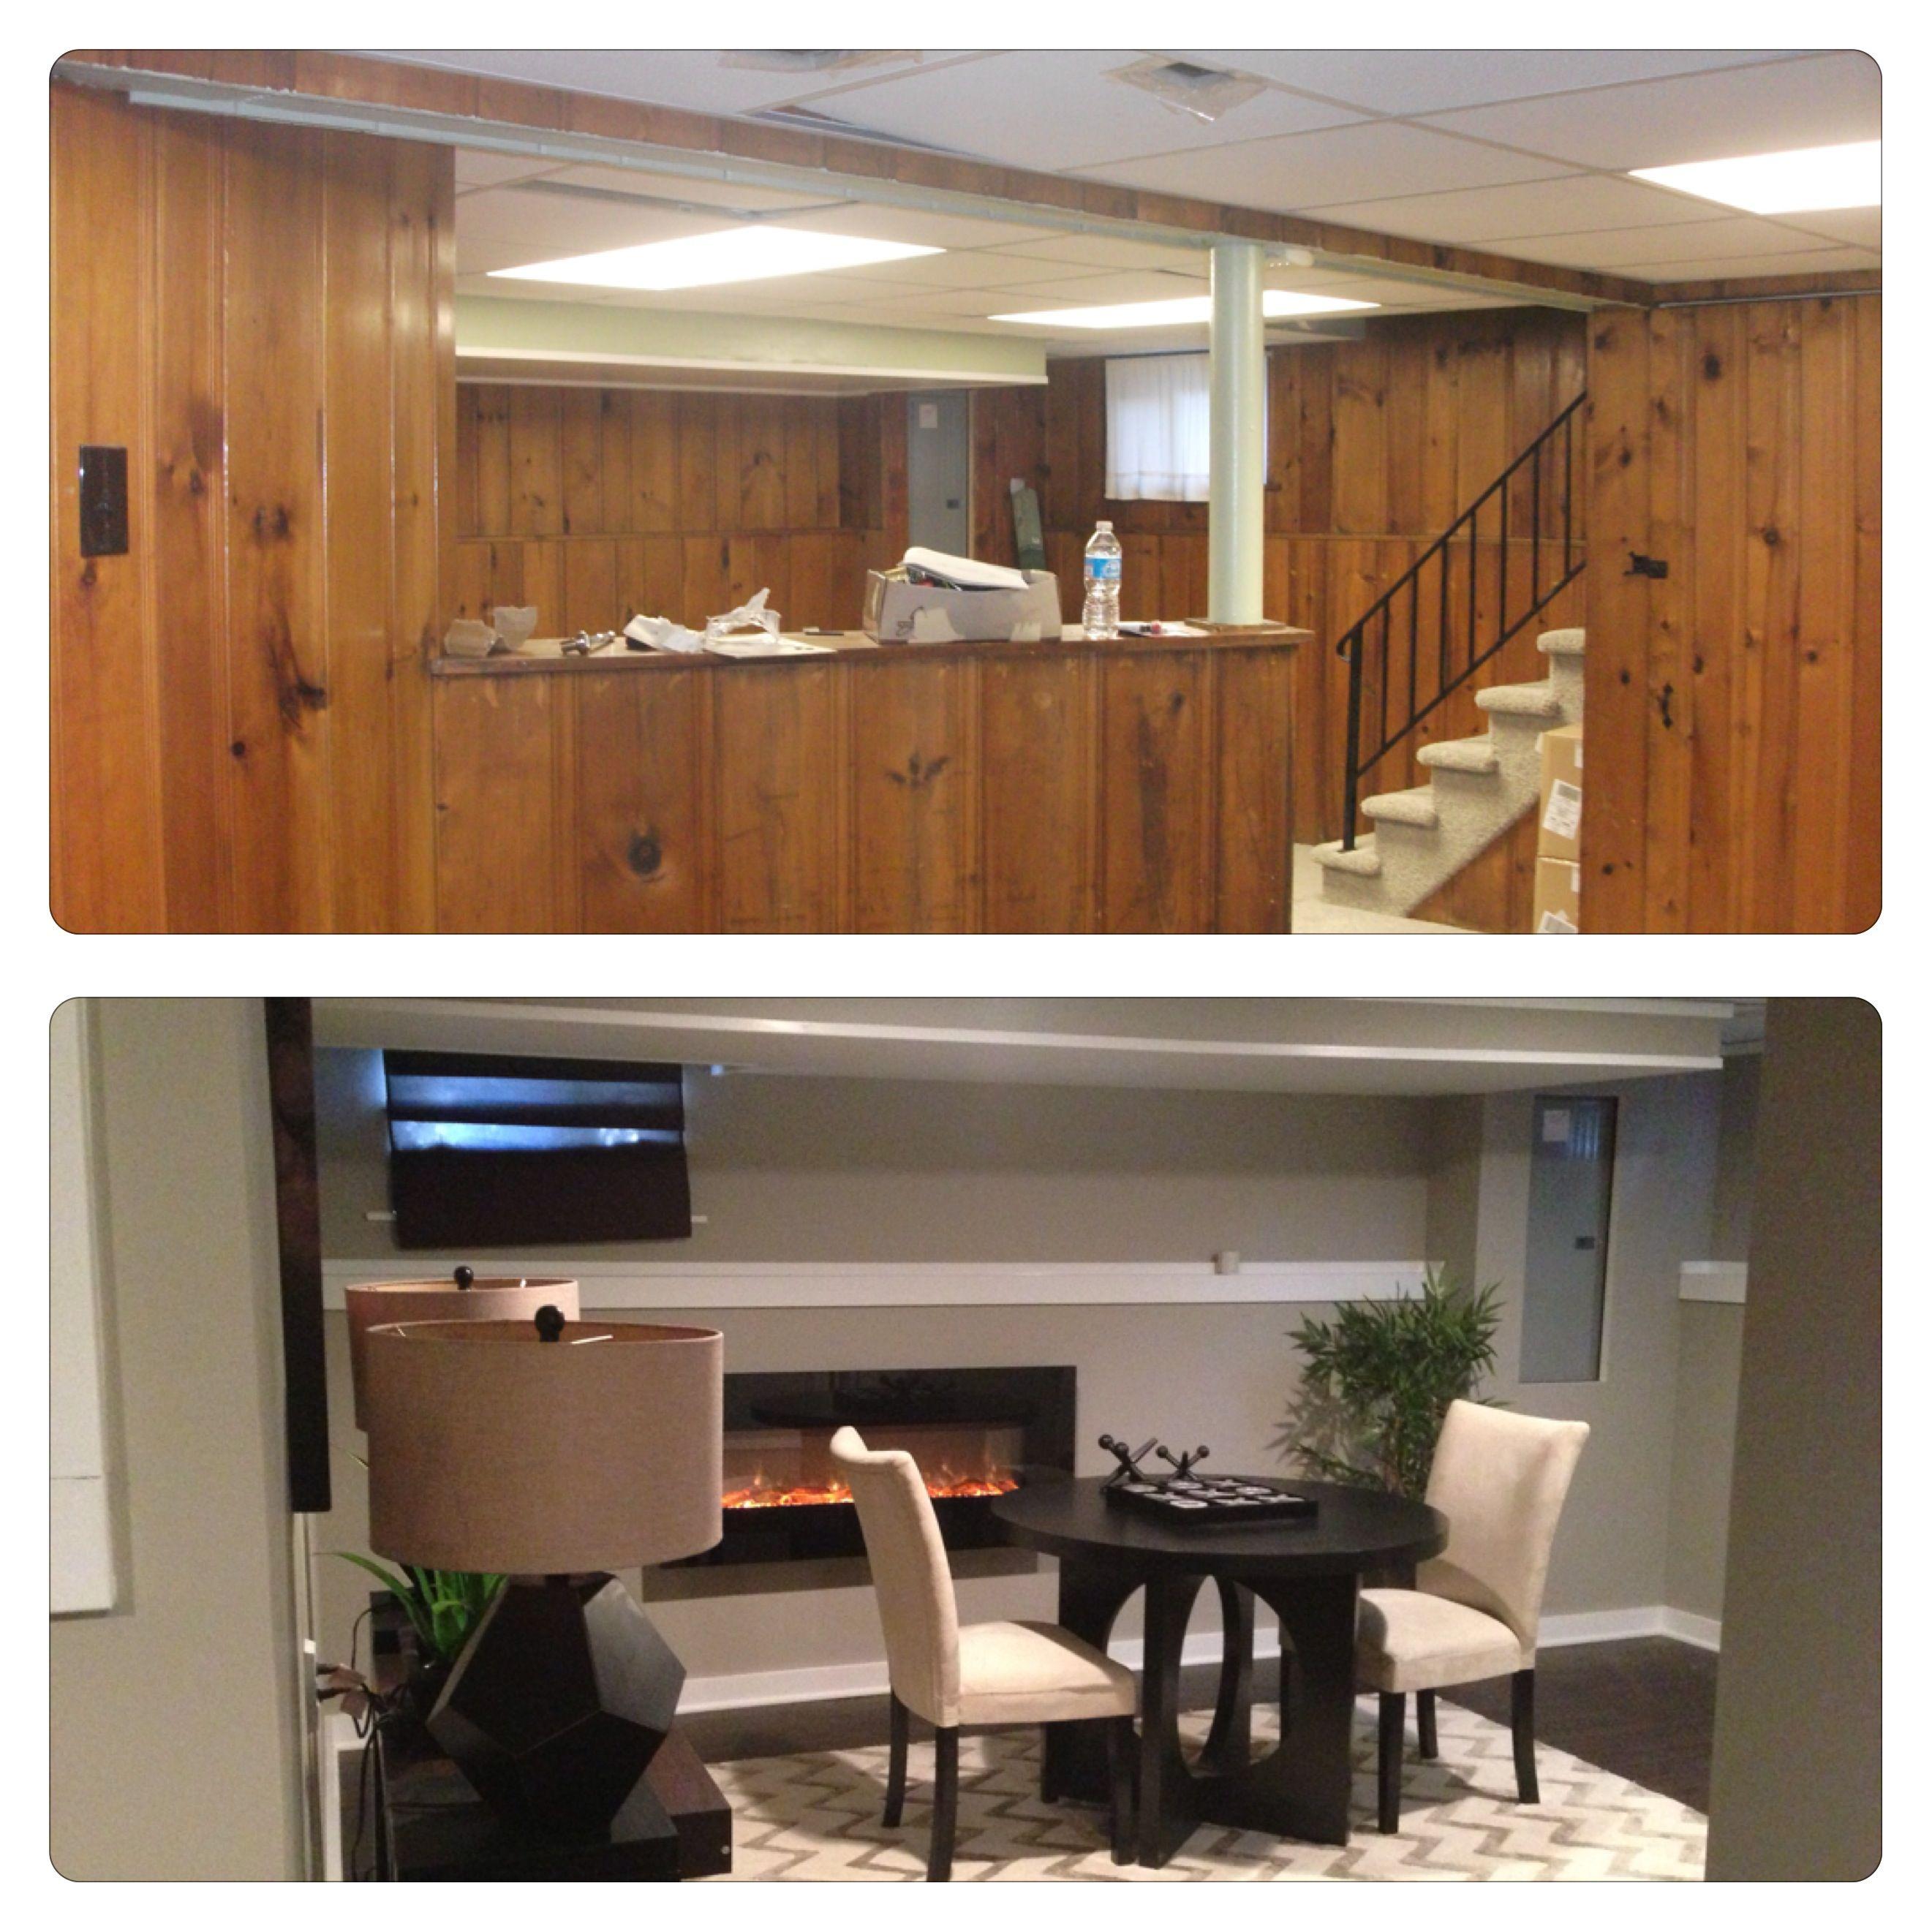 Basement Remodeling: Home Remodeling, Basement